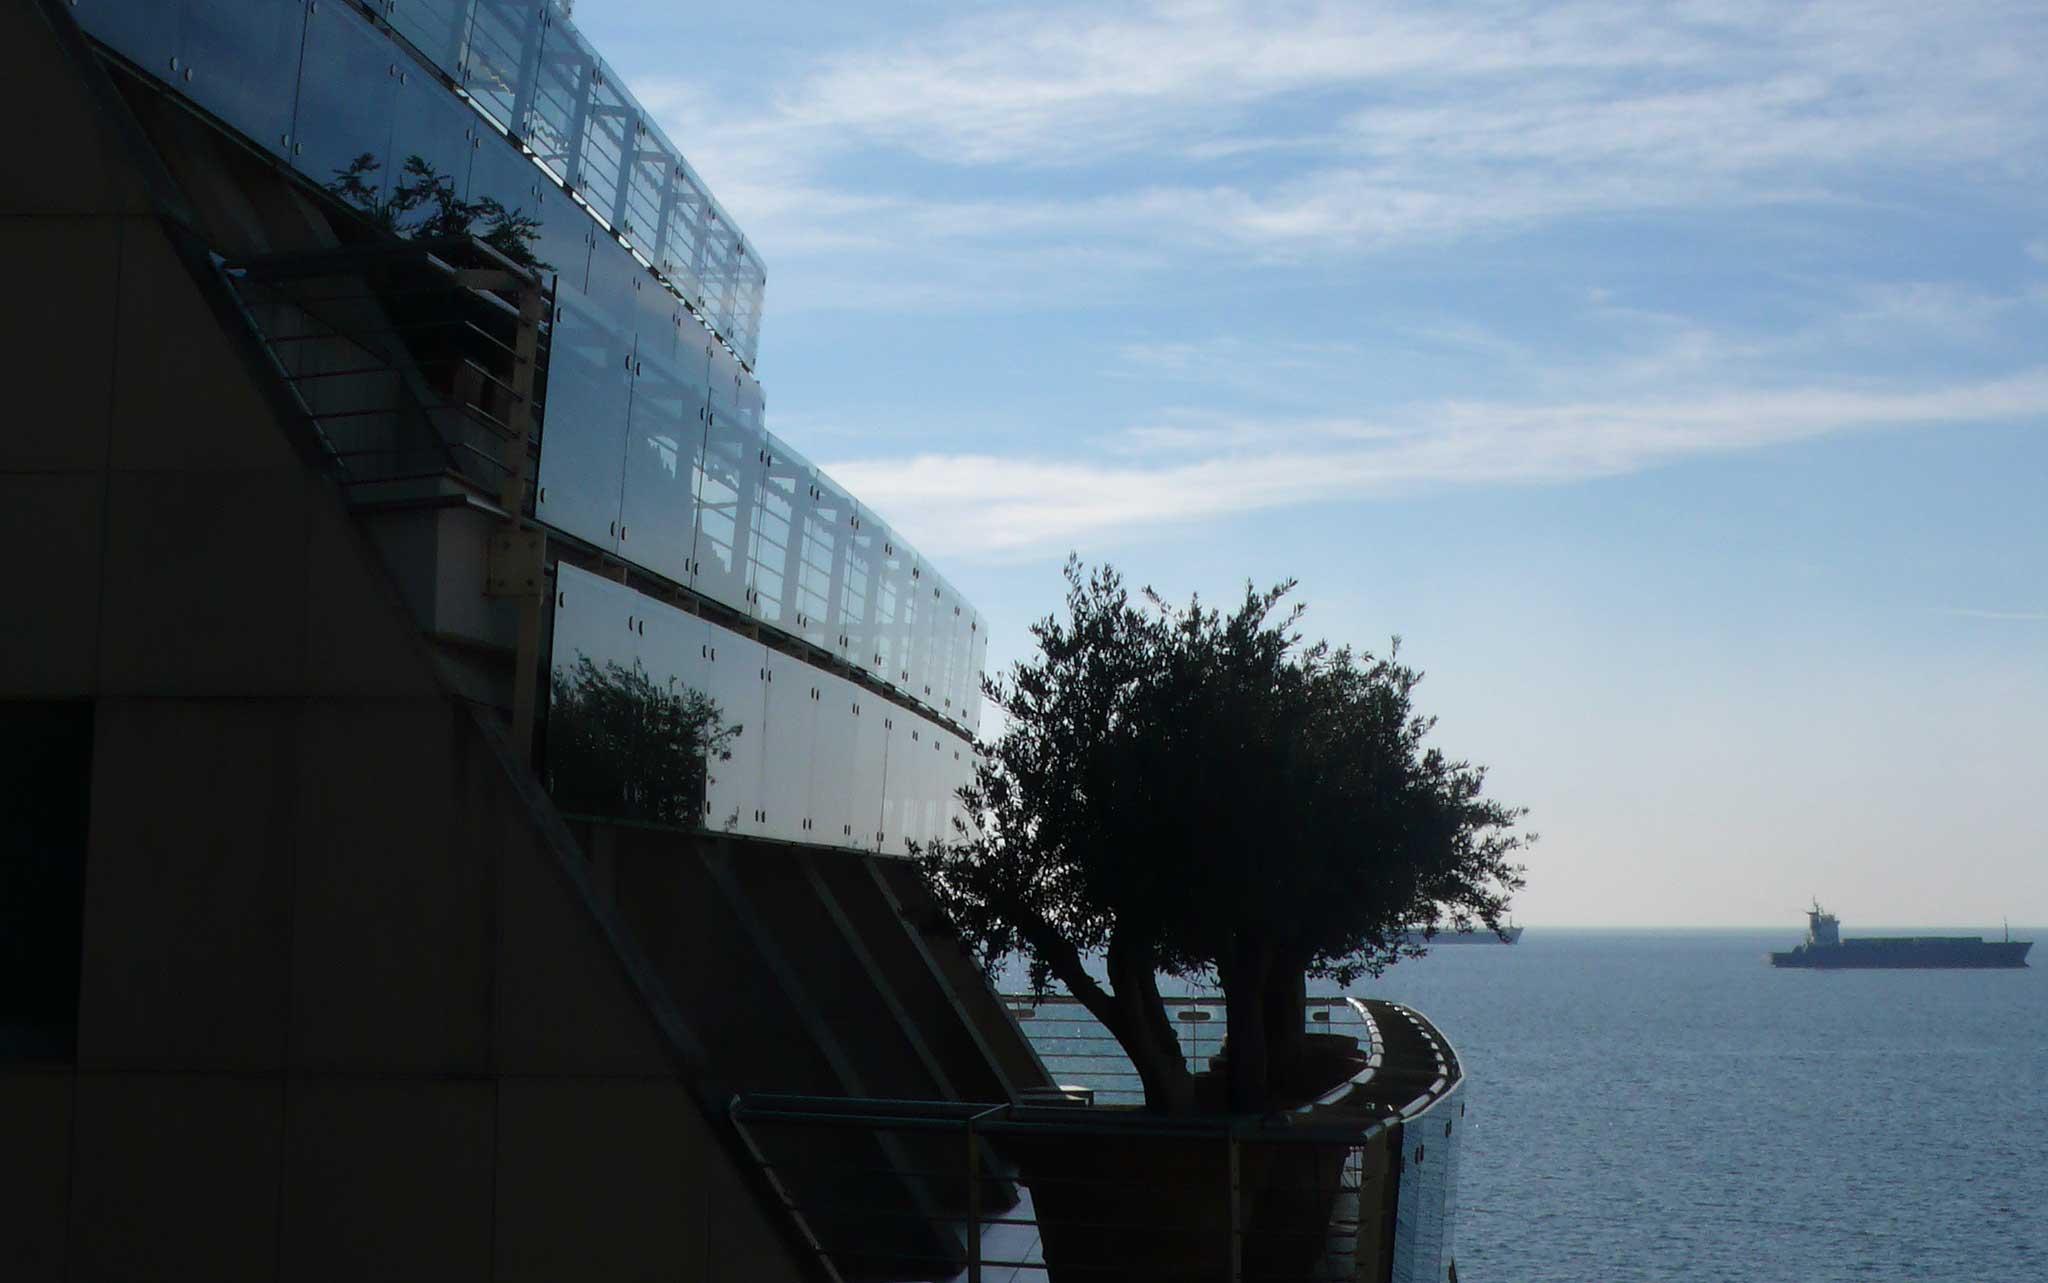 Auf dem ehemaligen Gelände der Botschaft der USA entstand ein Hotel mit Blicken wie auf einem Kreuzfahrtschiff.